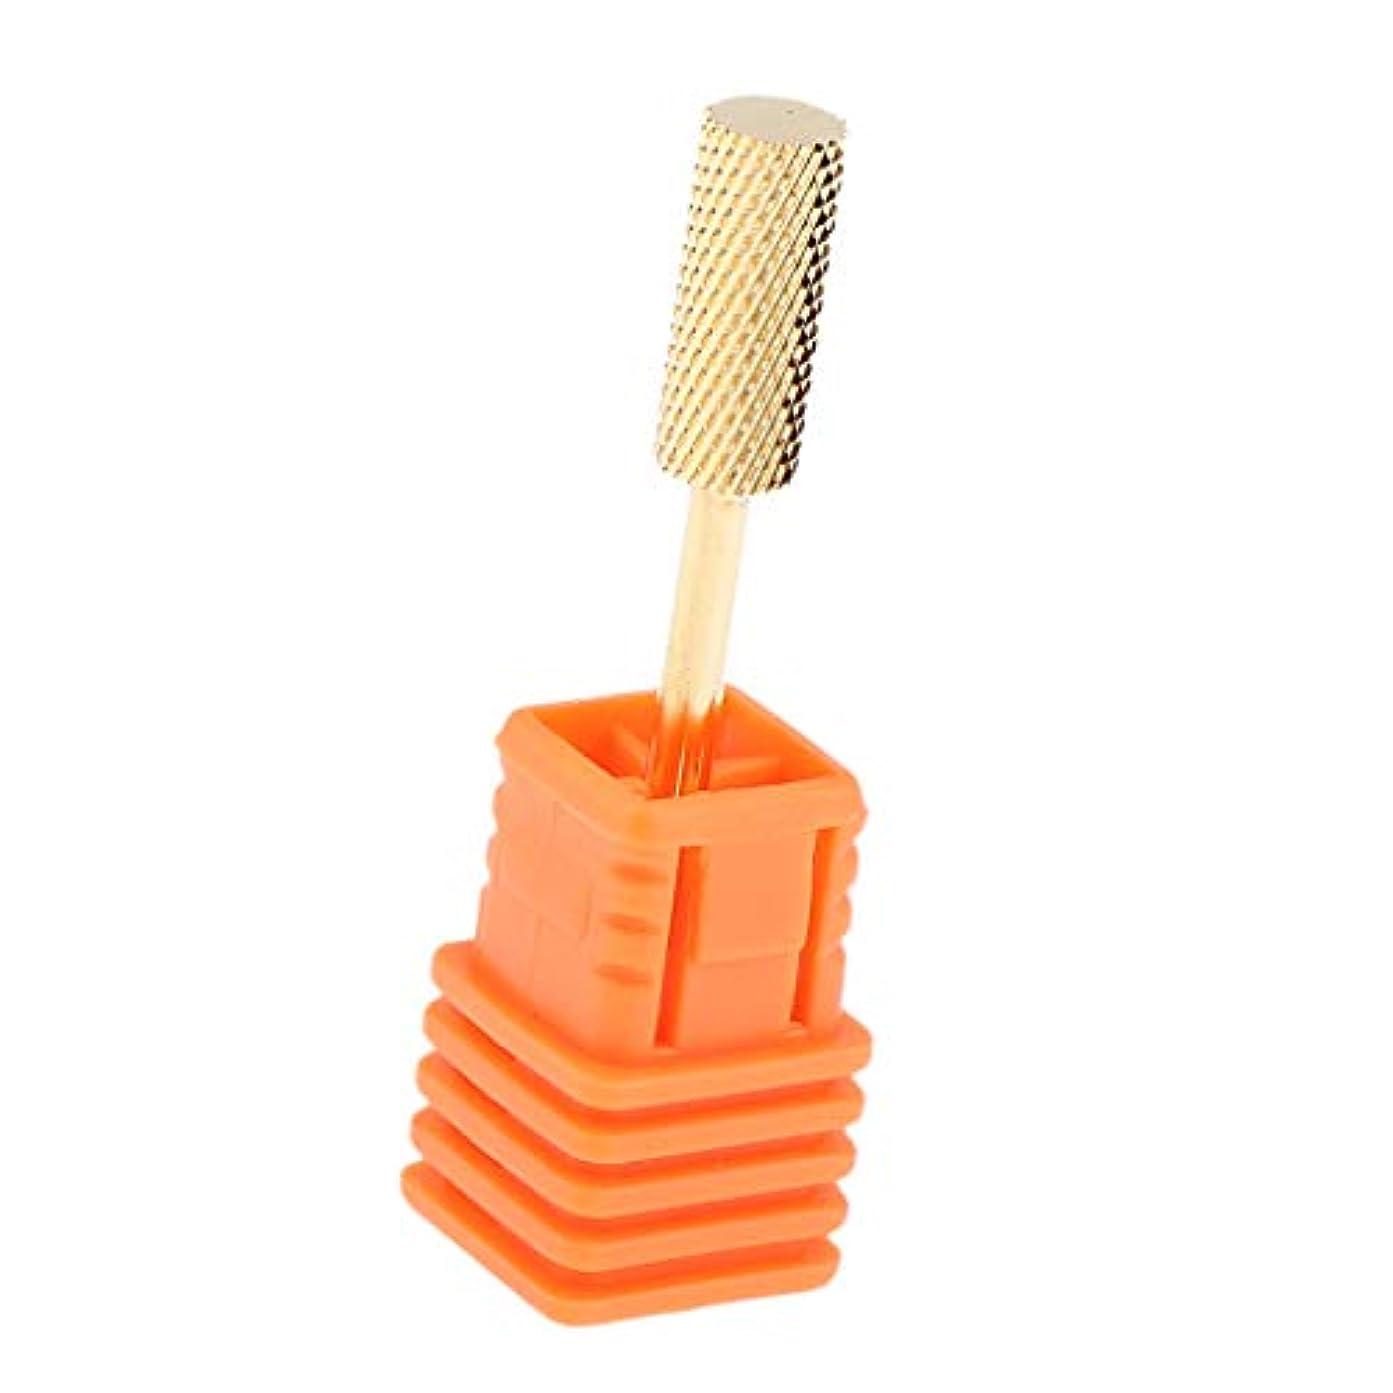 B Baosity ネイルドリルビット 電気 ネイルファイル マニキュア ヘッド 4タイプ選べ - F